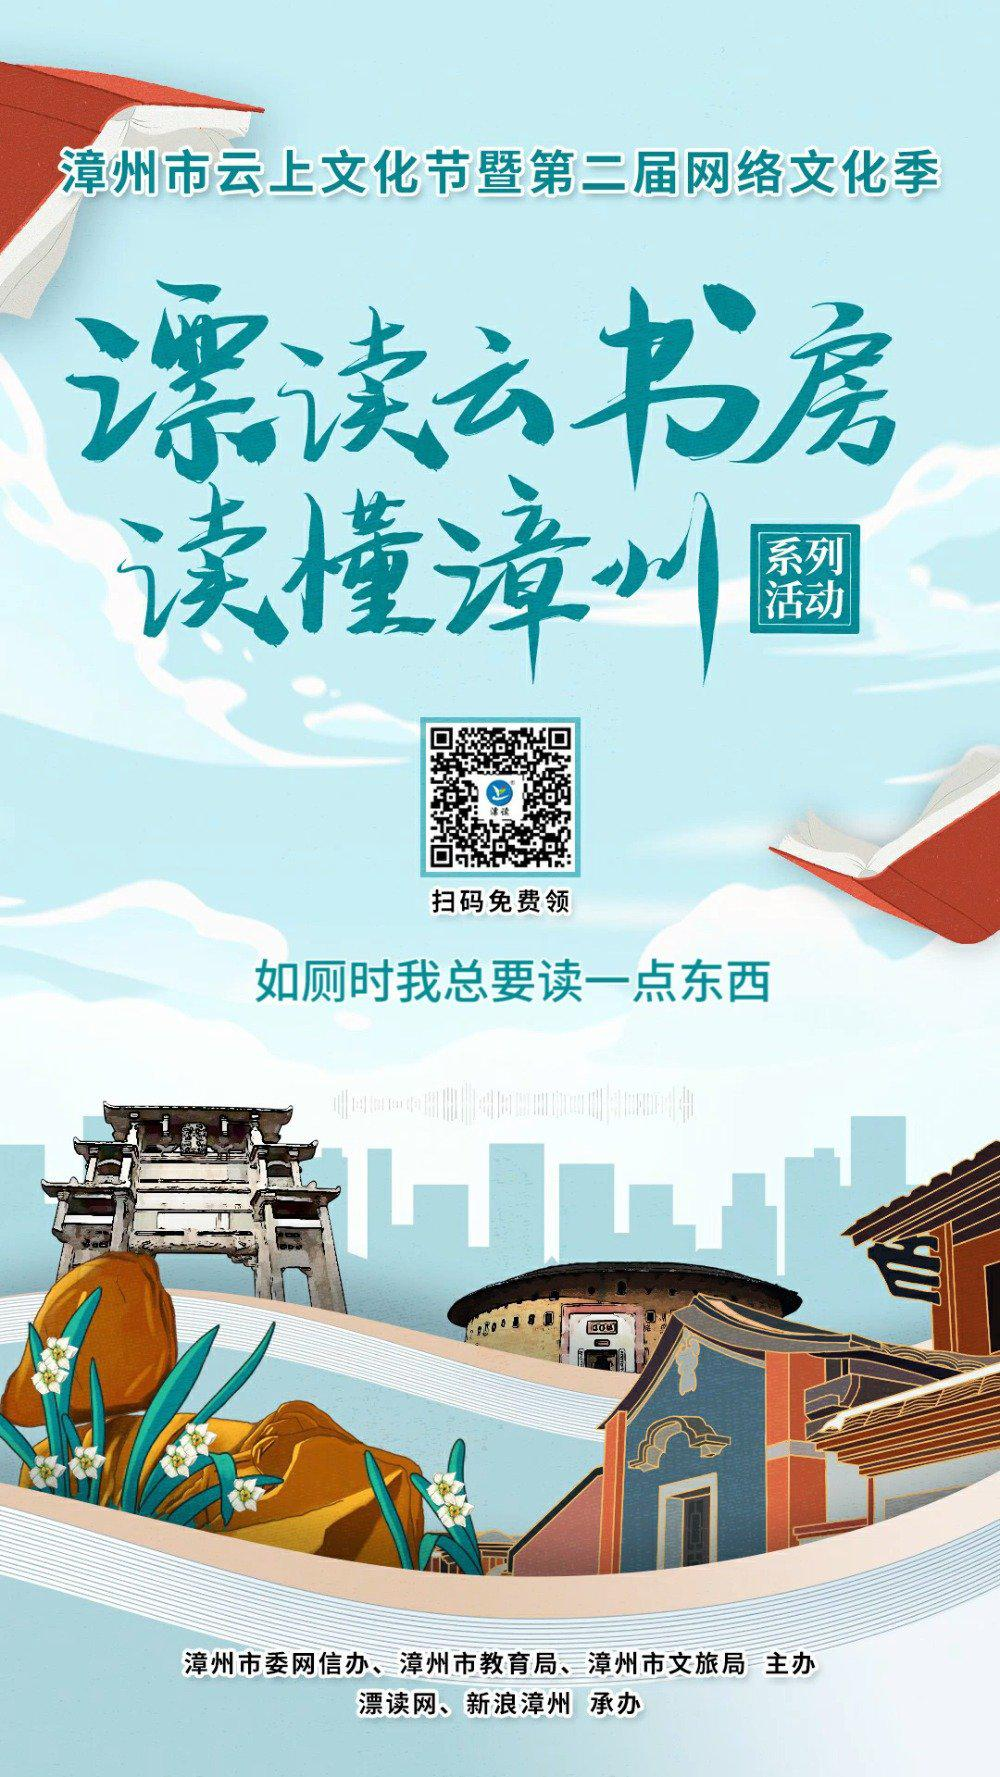 漳州市优秀教师郭李虹诵读《书,生命的一部分》